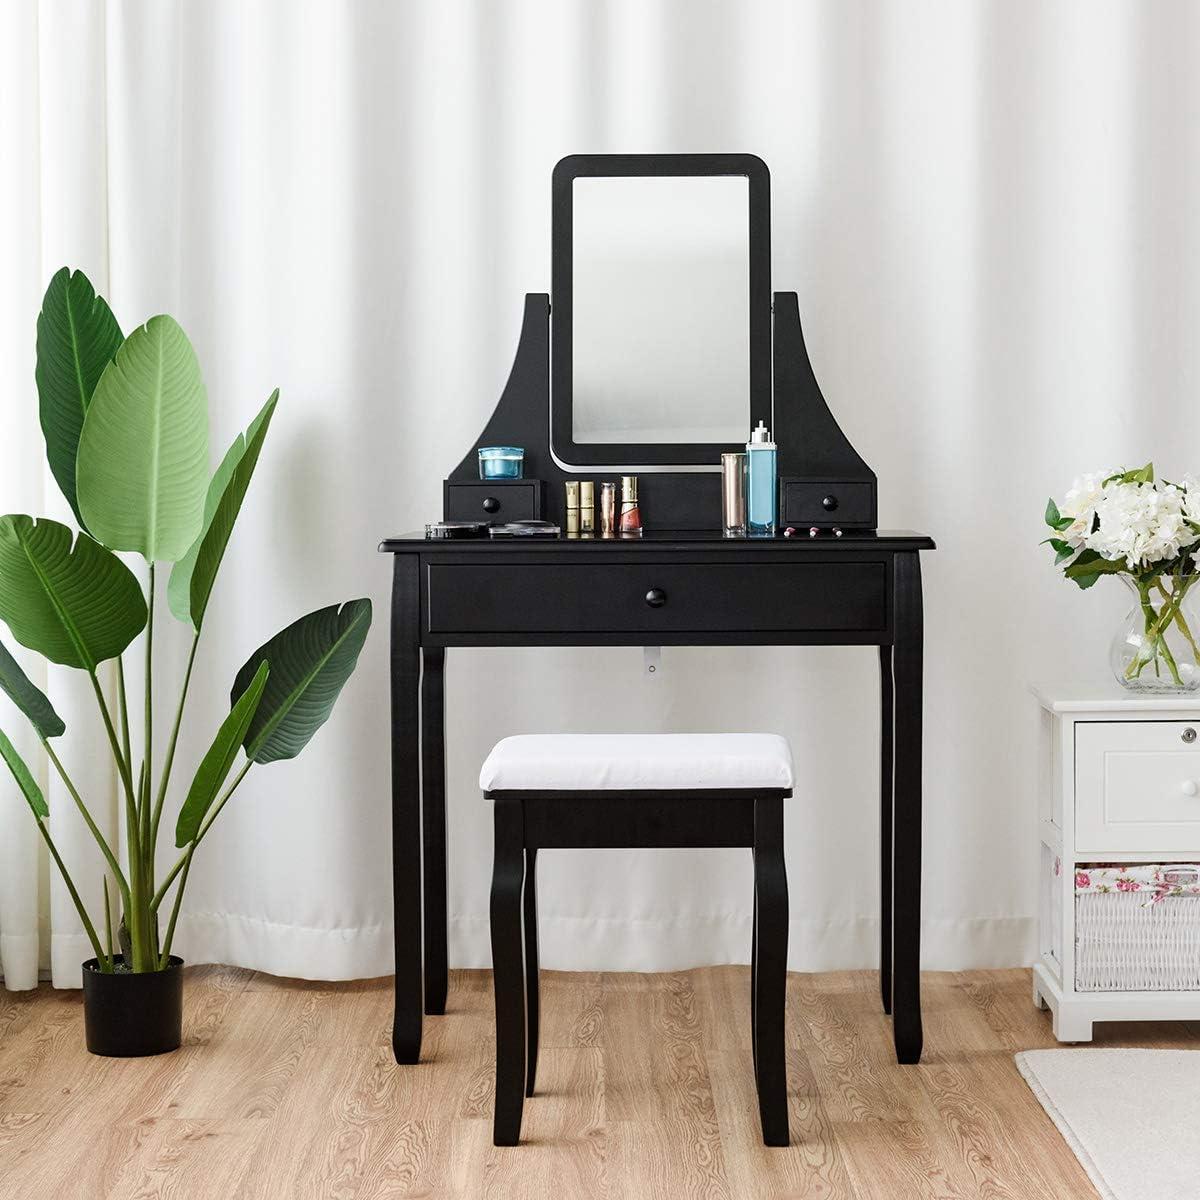 Casart Vanity Dressing Table Set Home Bedroom Bathroom 360 Rotate Mirror Pine Wood Legs Padded Stool Dressing Table Girls Make Up Vanity Set w Stool Black